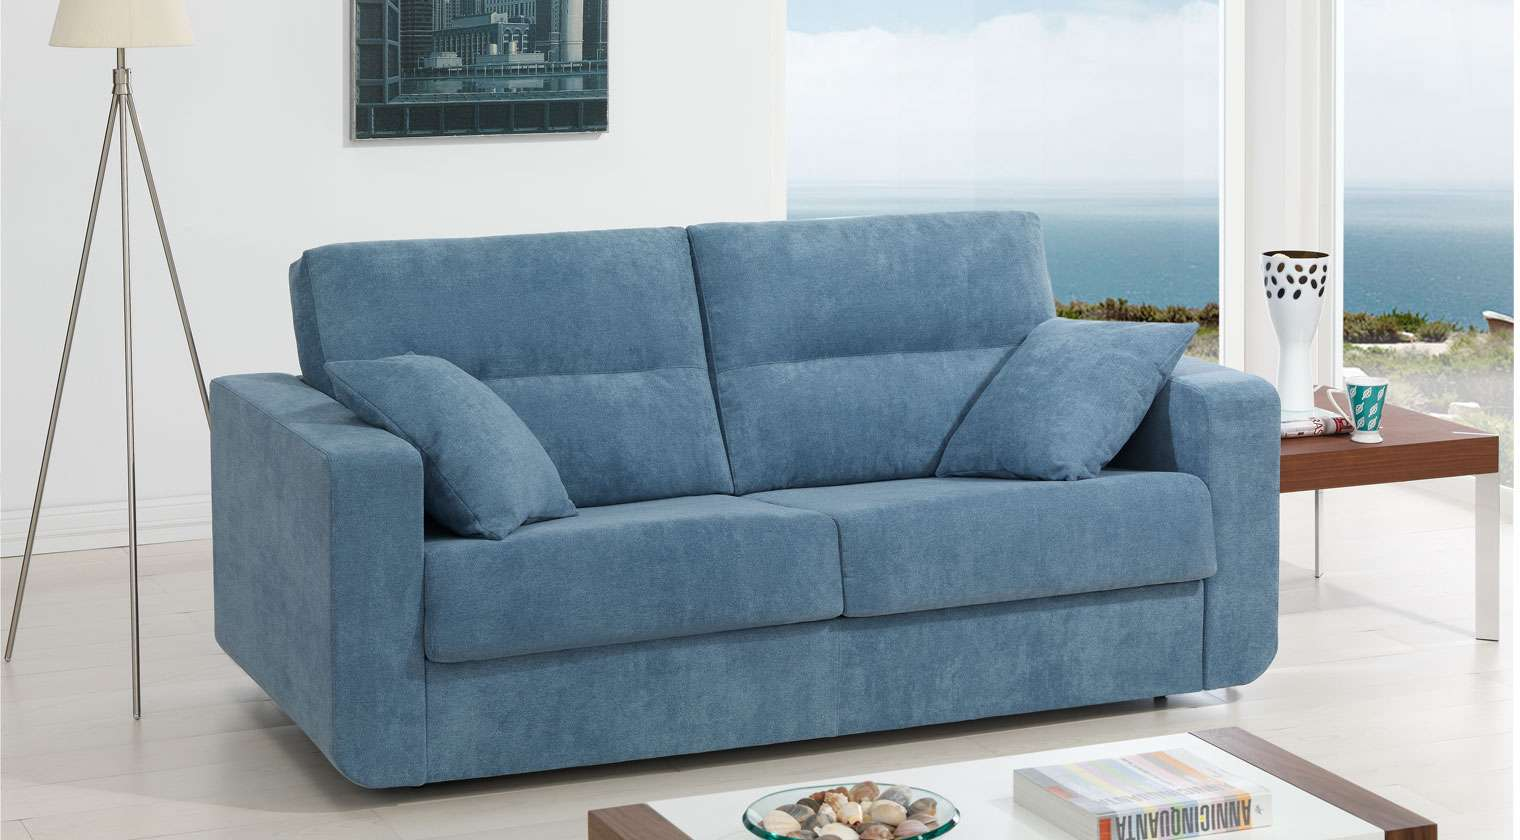 Sof cama alicante sofas cama apertura italiana - Mejores marcas de sofas ...